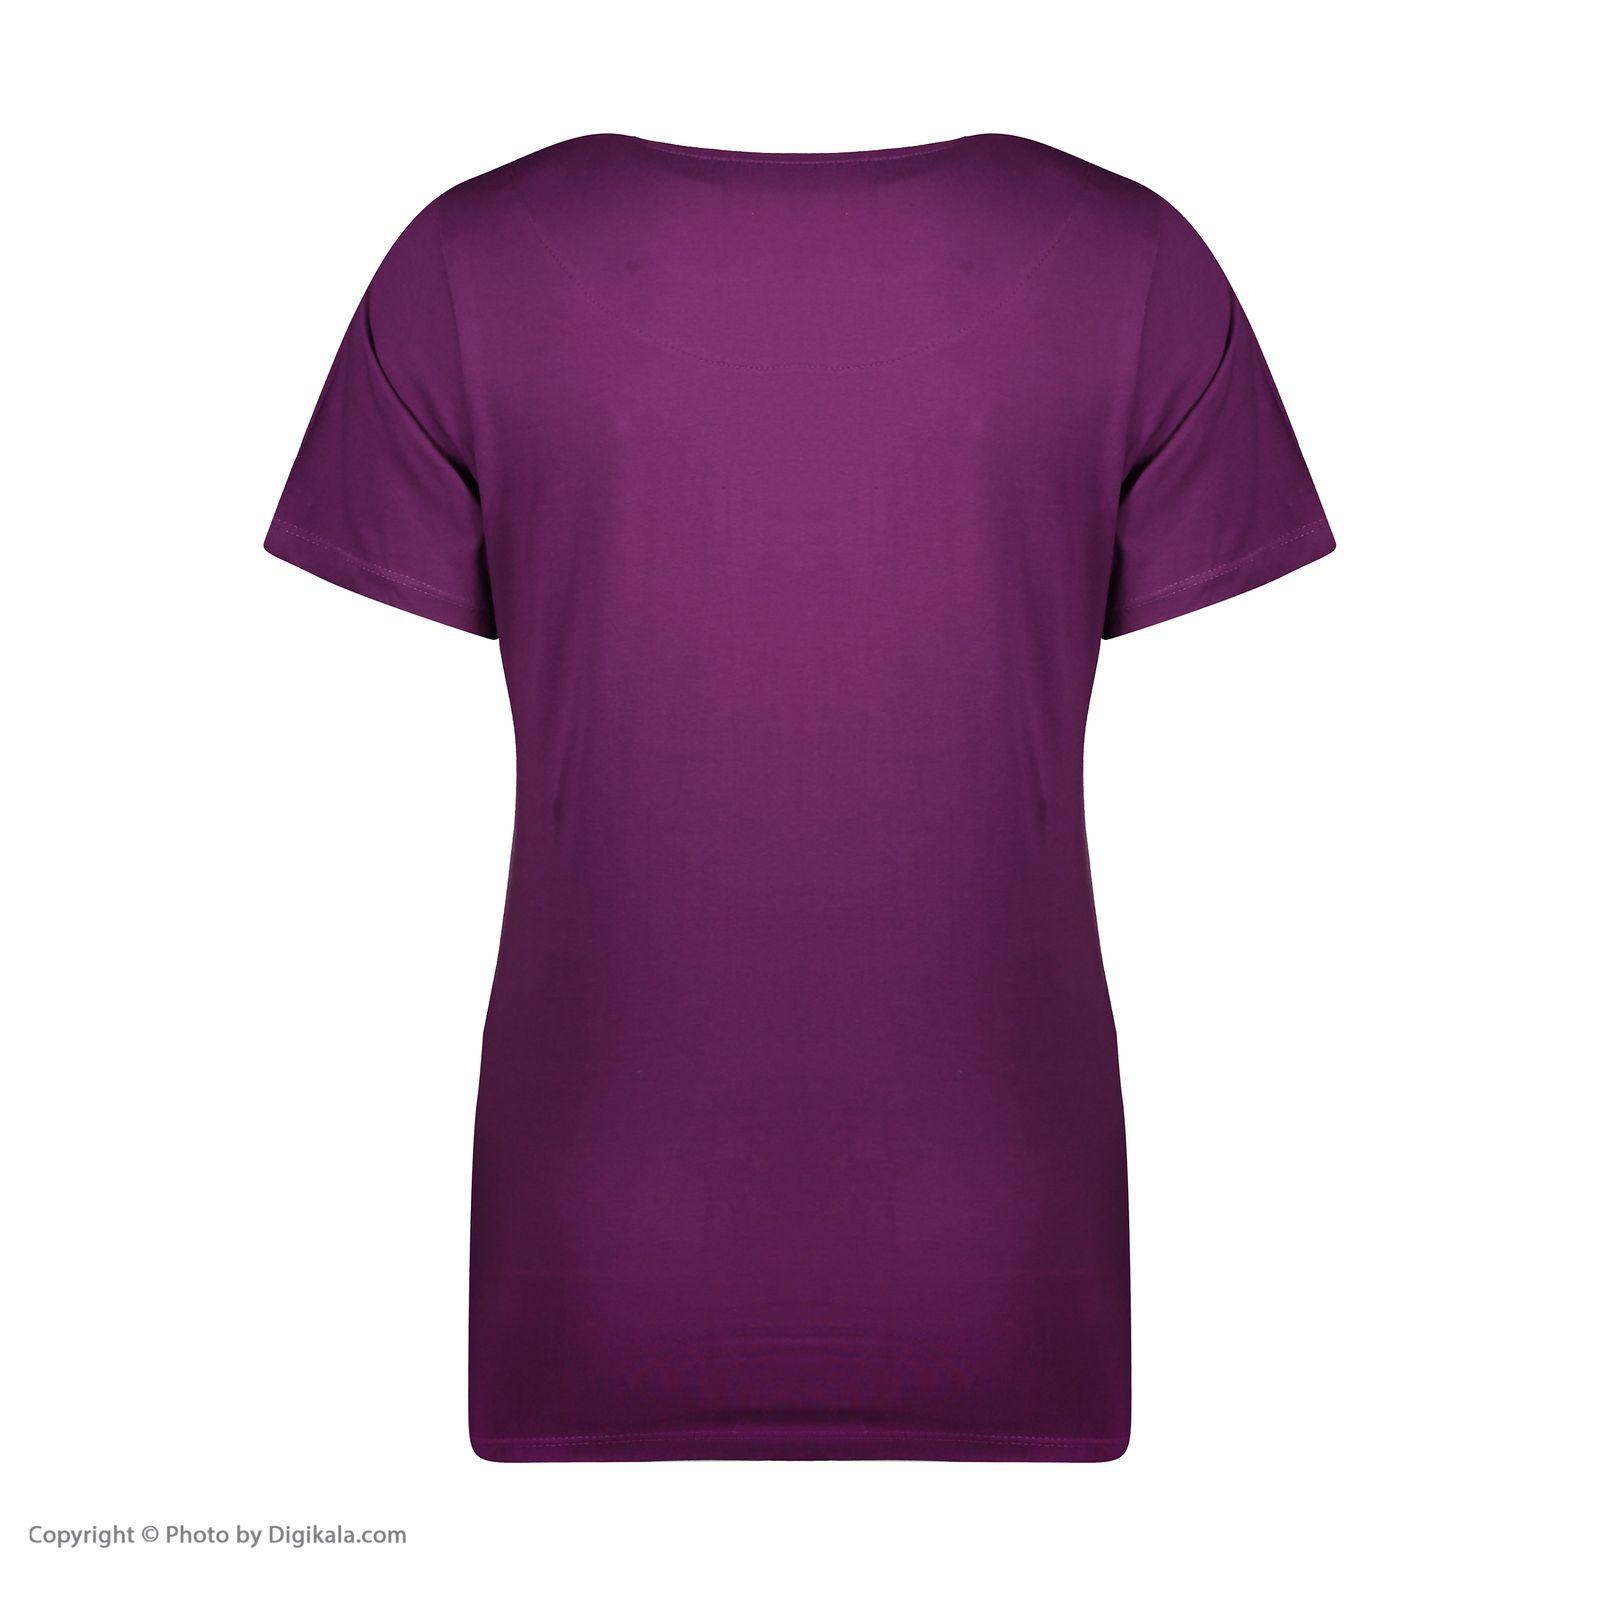 ست تی شرت و شلوارک راحتی زنانه مادر مدل 2041101-67 -  - 6